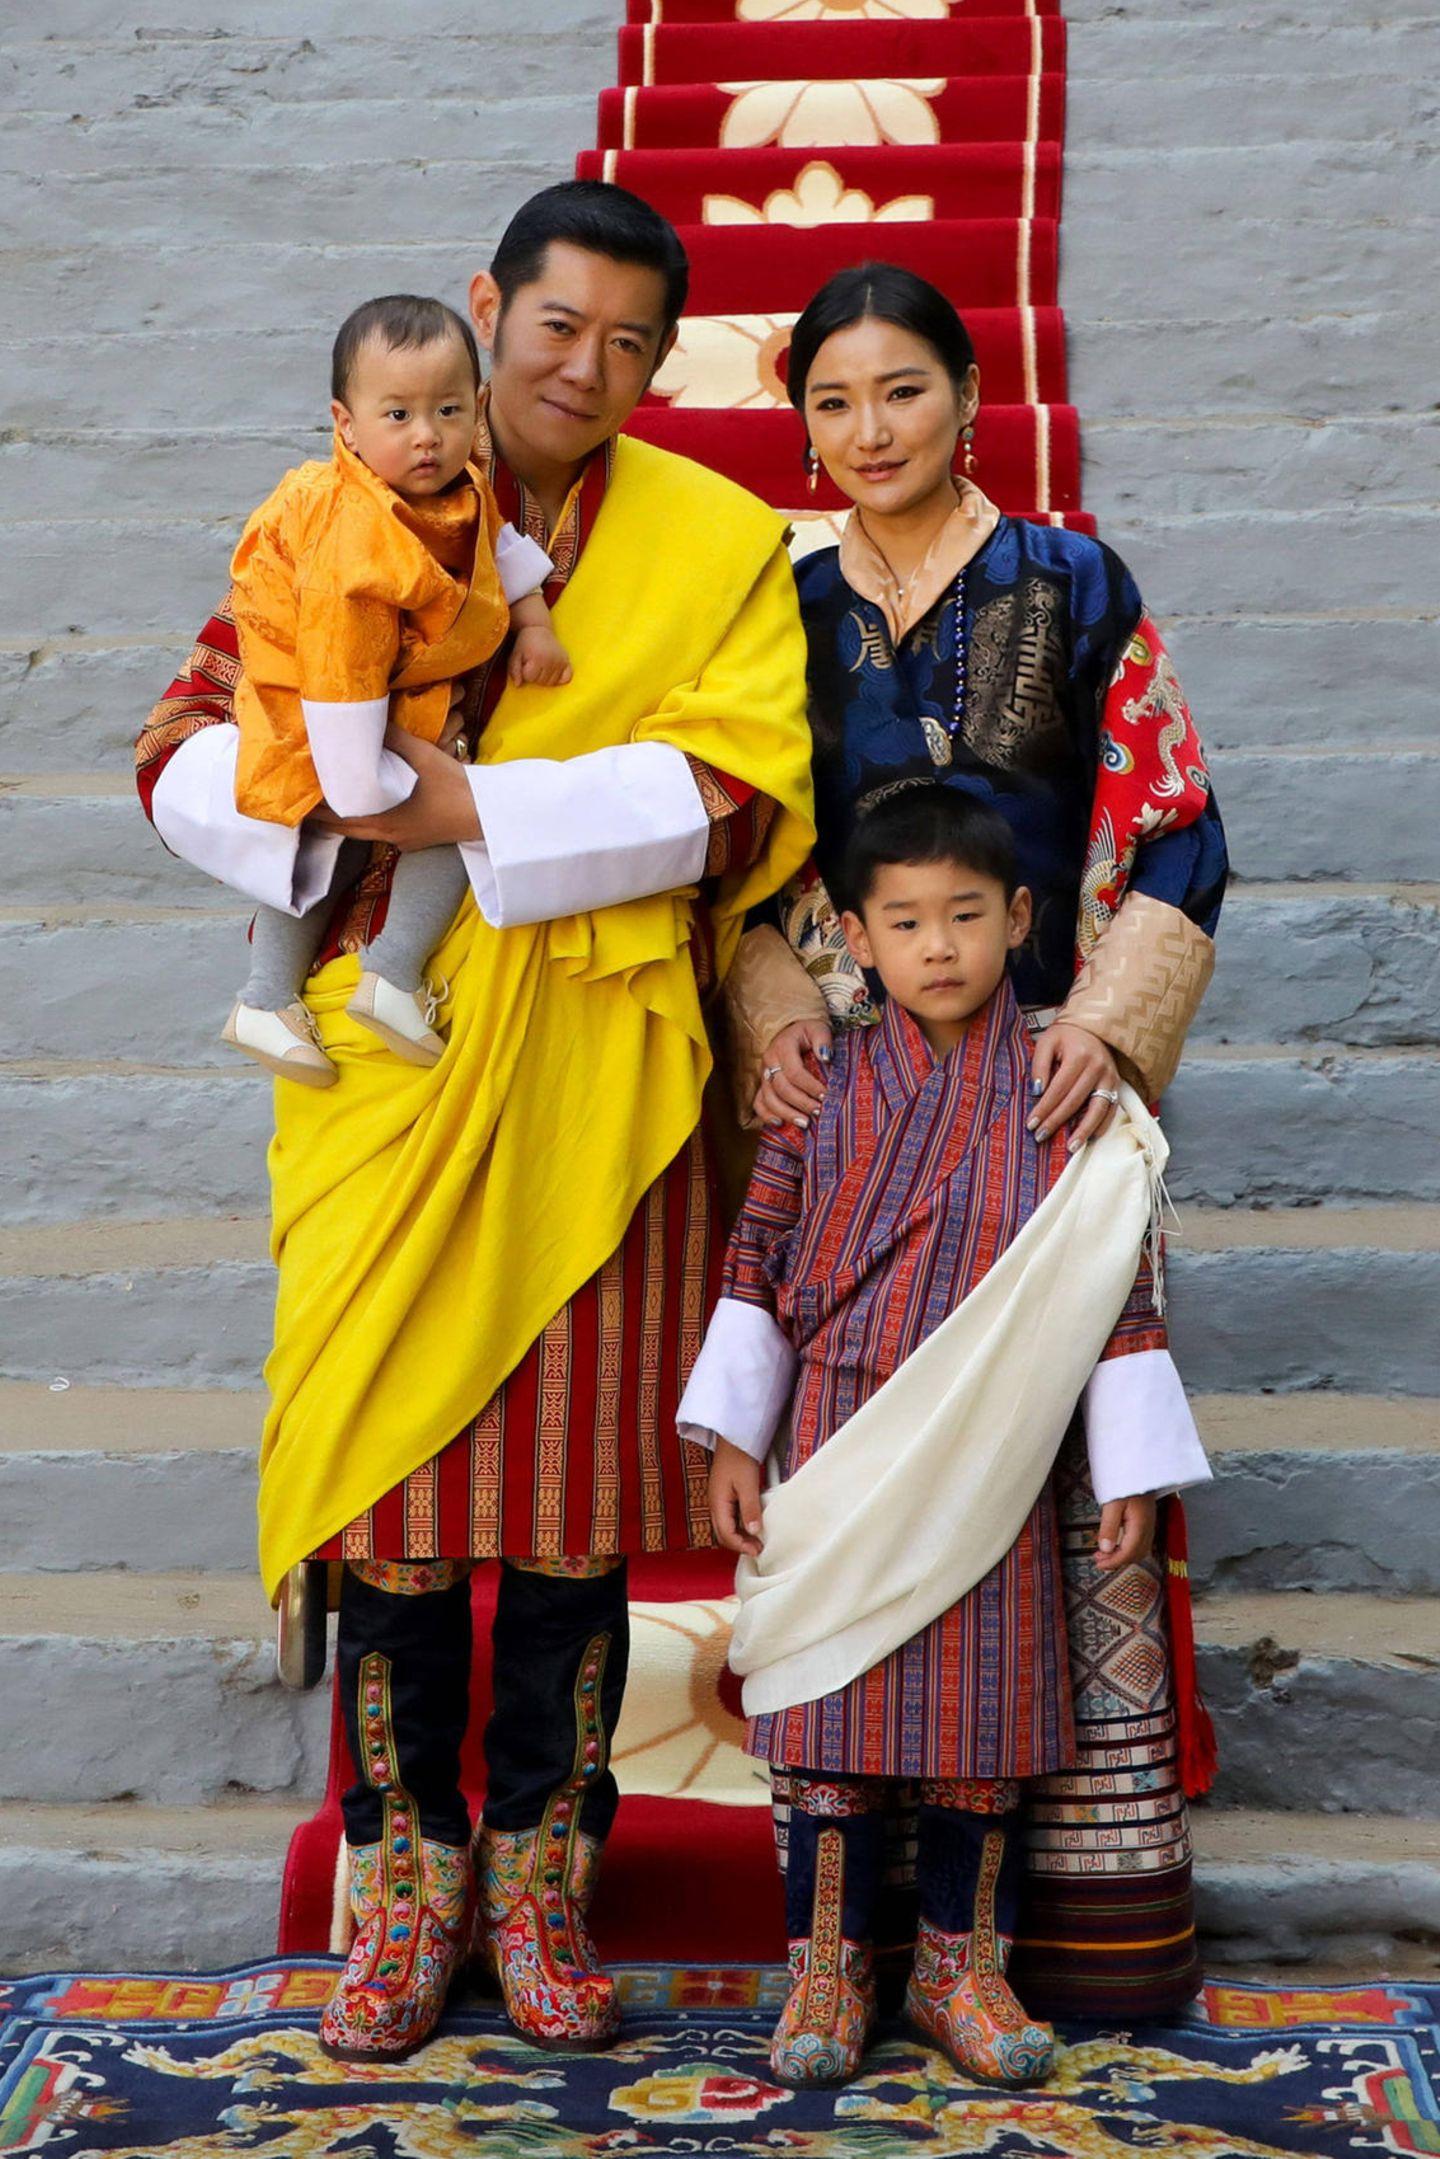 1. Januar 2020  Das Könighaus Bhutan veröffentlicht jeden Monat schöne Familienmotive für den offizielen Kalender. Das Januar-Blatt zeigt ein neues Bild von König Jigme, Königin Jetsun und den kleinen PrinzenJigme Namgyel und Ugyen Wangchuck bei den Nationalfeierlichkeiten am 17. Dezember.